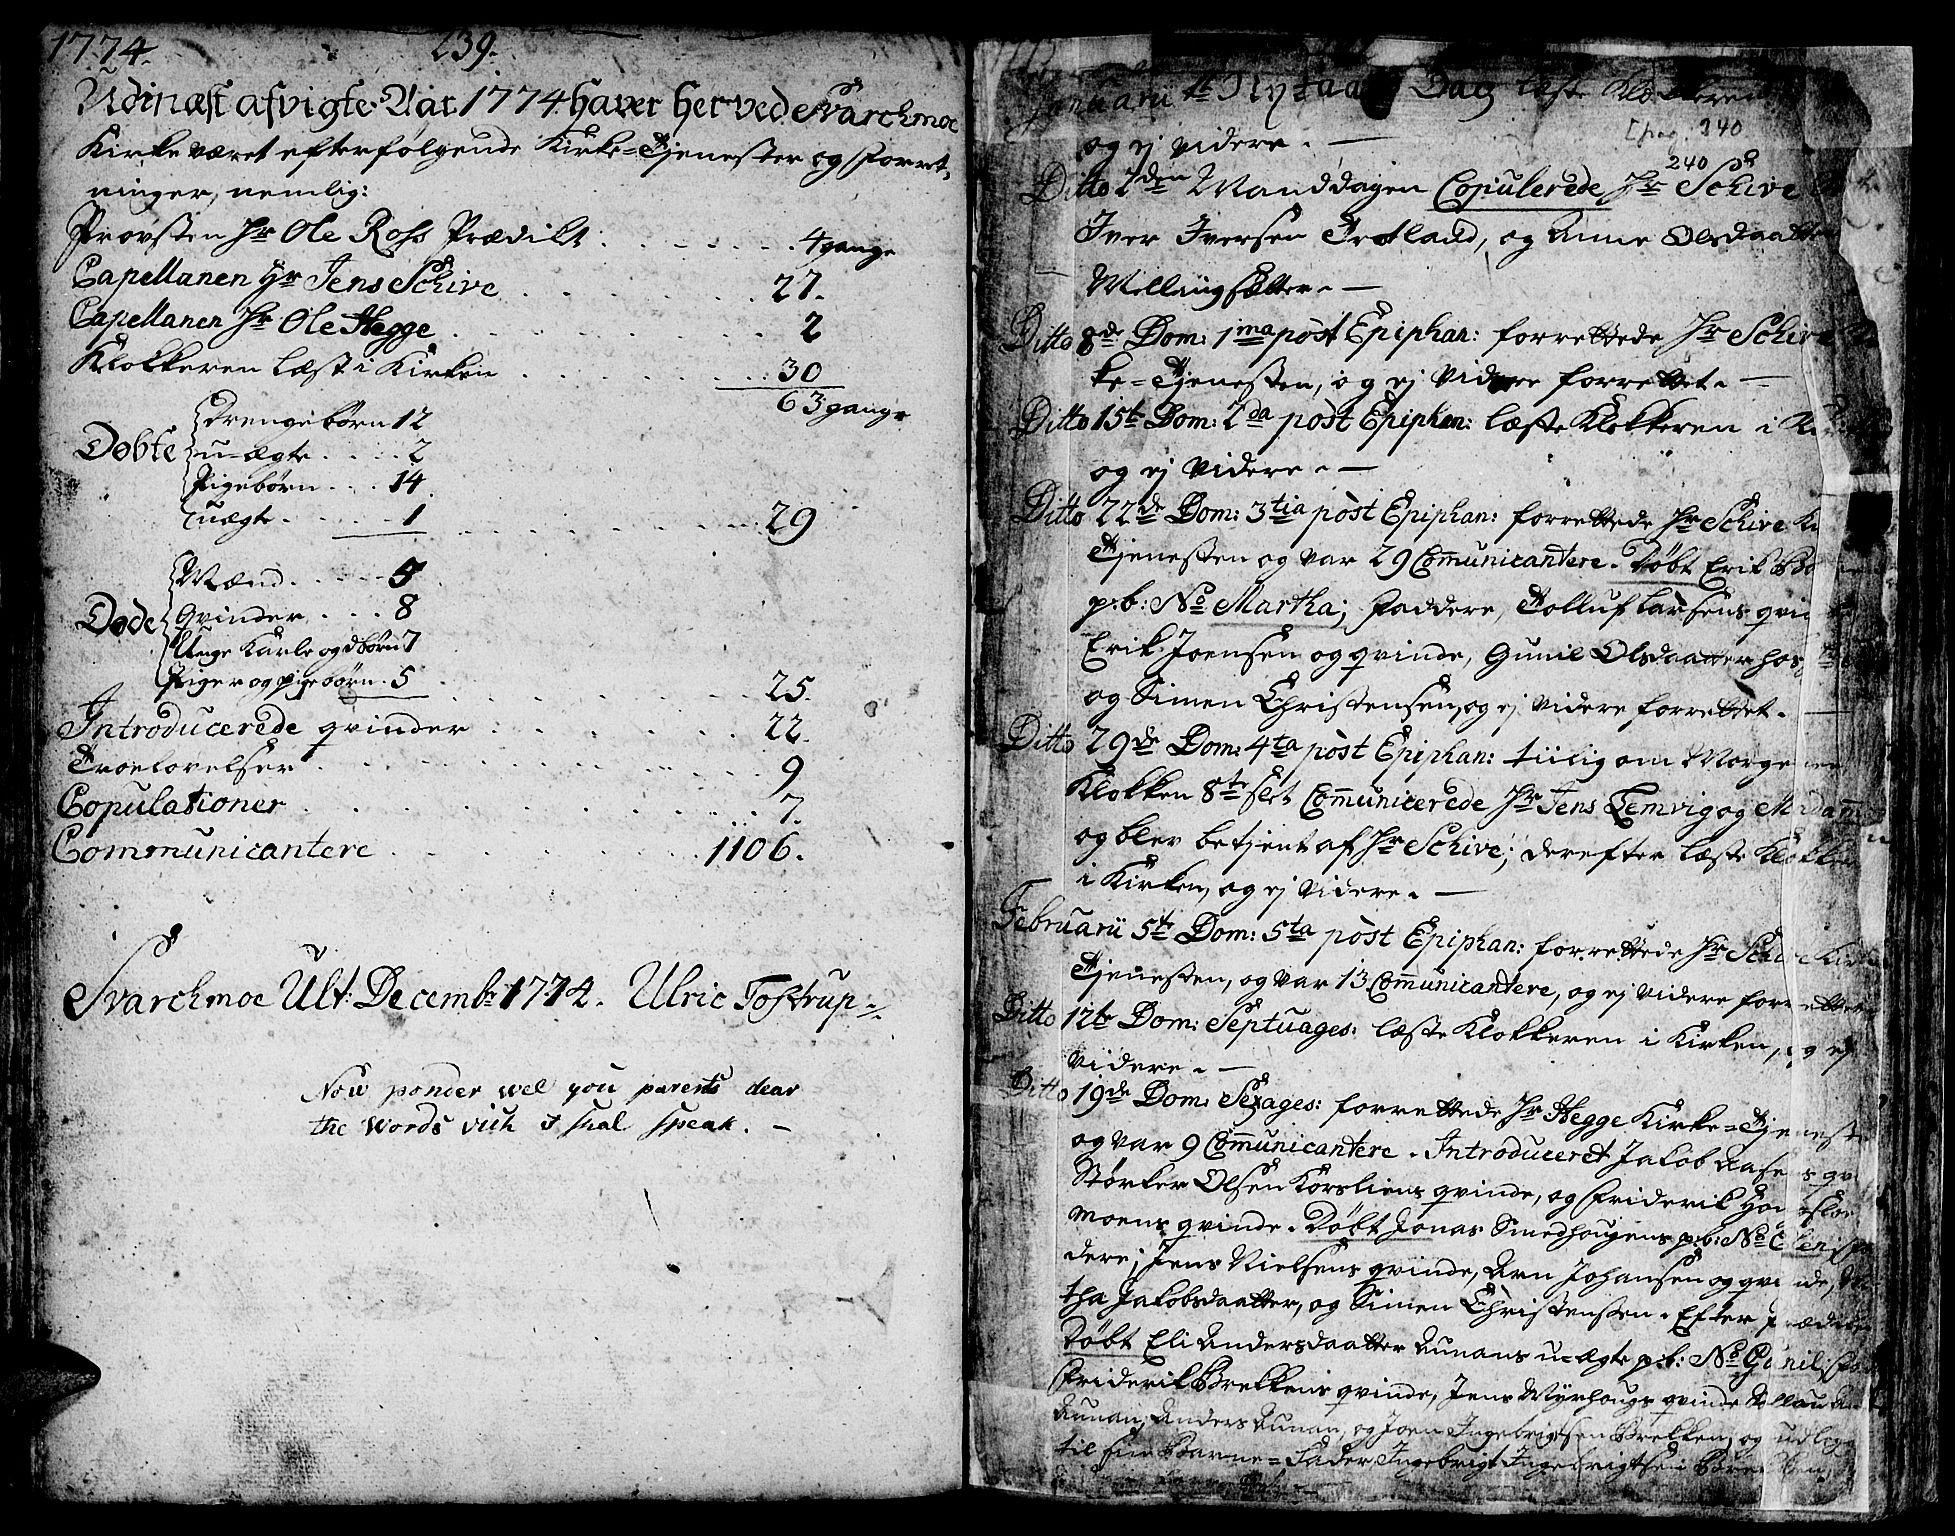 SAT, Ministerialprotokoller, klokkerbøker og fødselsregistre - Sør-Trøndelag, 671/L0840: Ministerialbok nr. 671A02, 1756-1794, s. 239-240